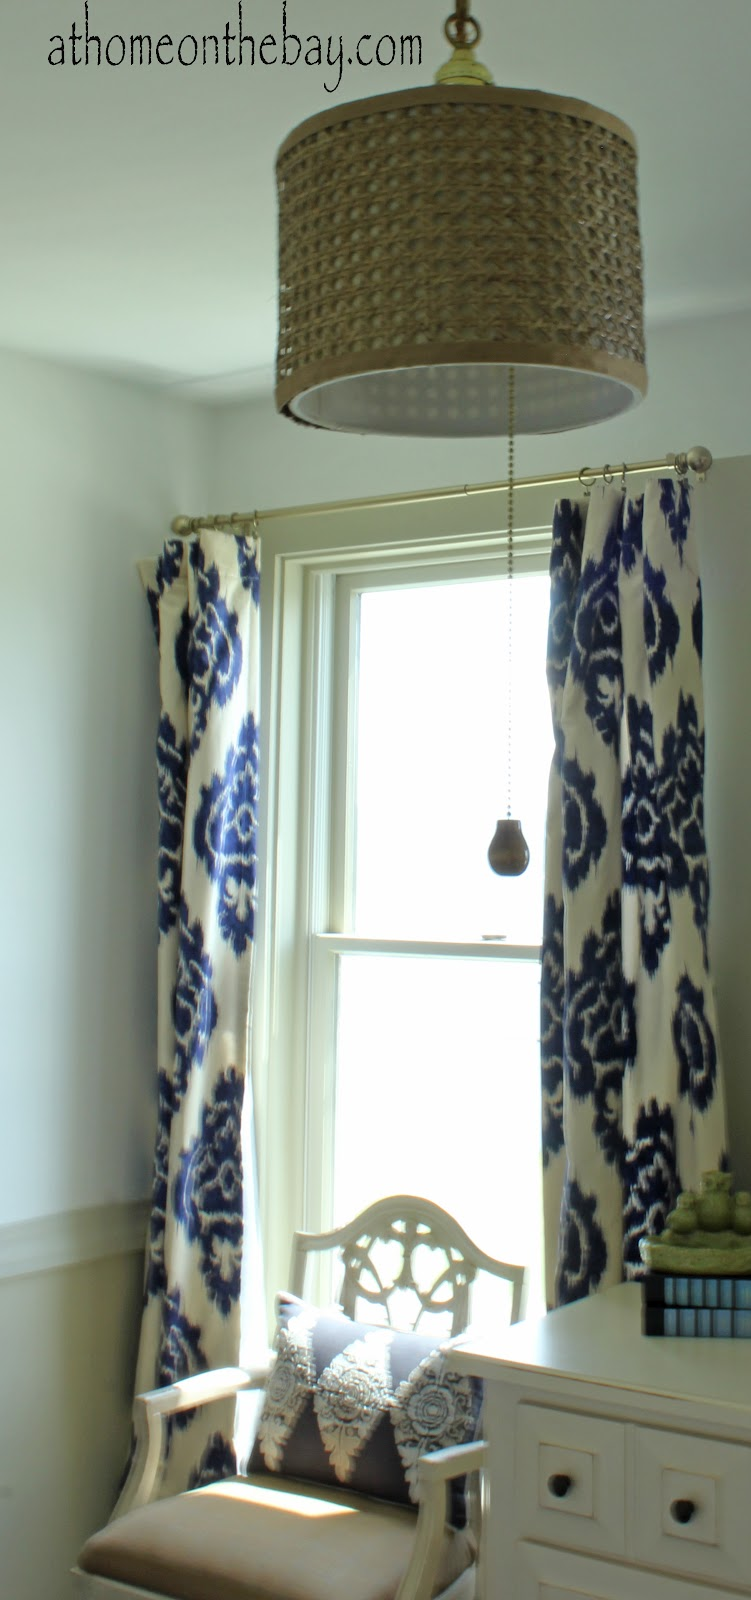 West elm chevron curtains html myideasbedroom com